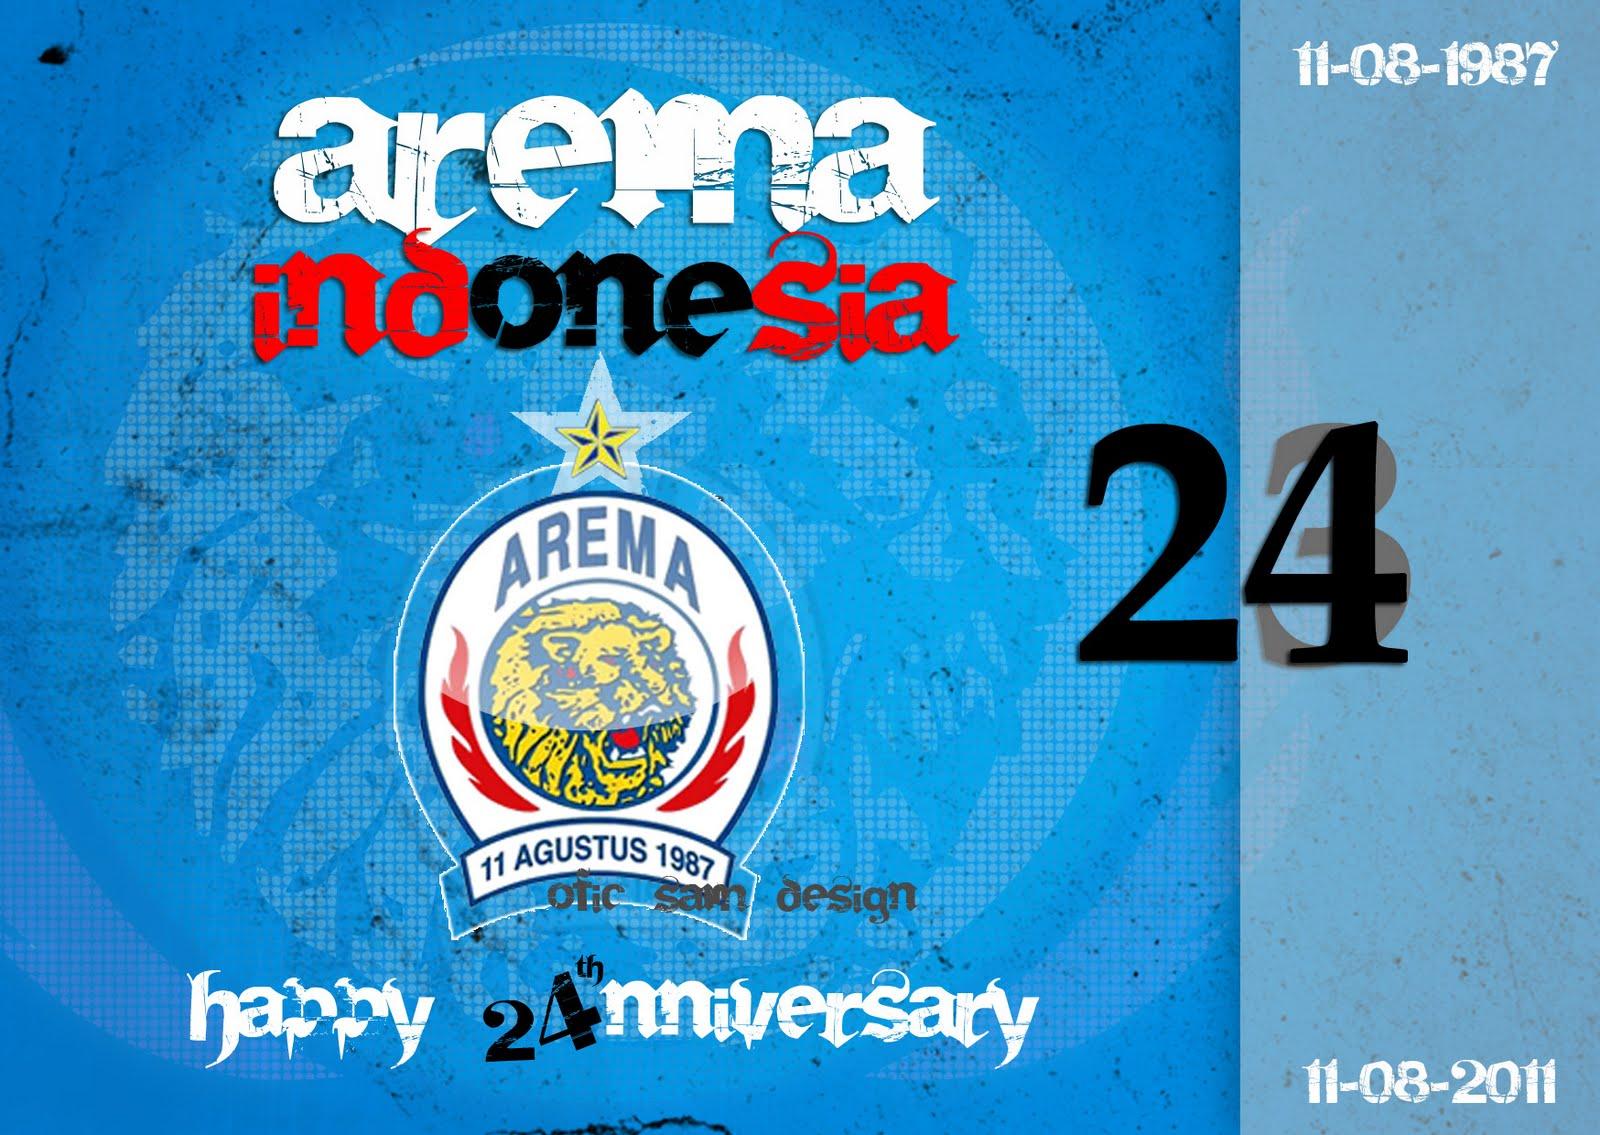 http://3.bp.blogspot.com/-w1zqbjS6zAQ/TmS0hZWj6dI/AAAAAAAAAhg/zVSkwF8u-es/s1600/Ofic+sam+design+-+partner+AREMA+INDONESIA+wallpapers+-+ulang+tahun+arema.jpg